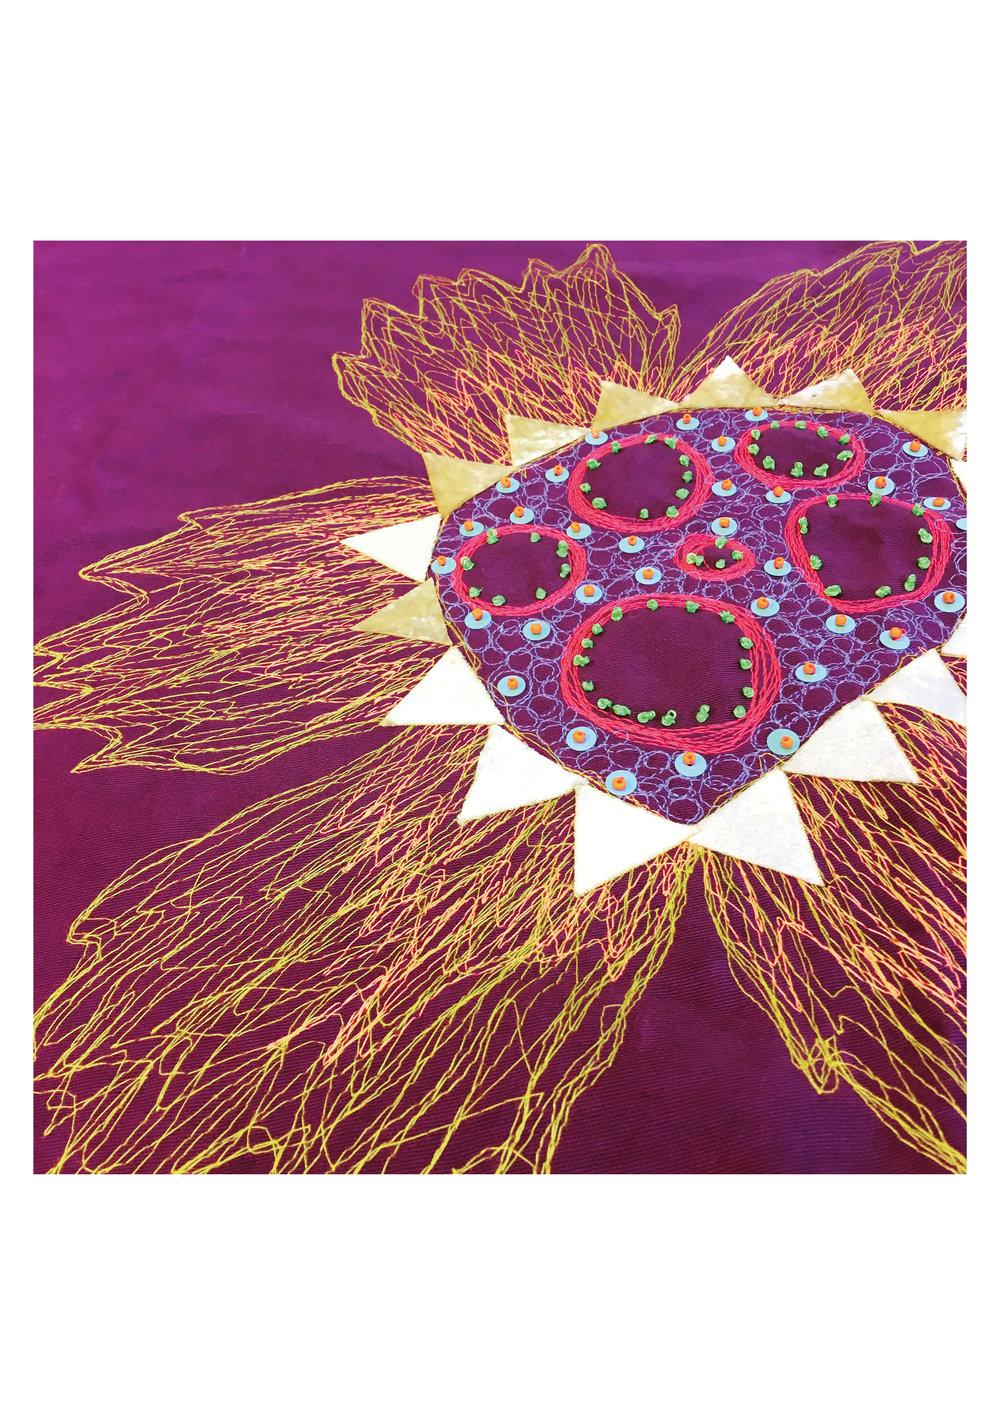 cosmic garden lookbook rosa howie16.jpg